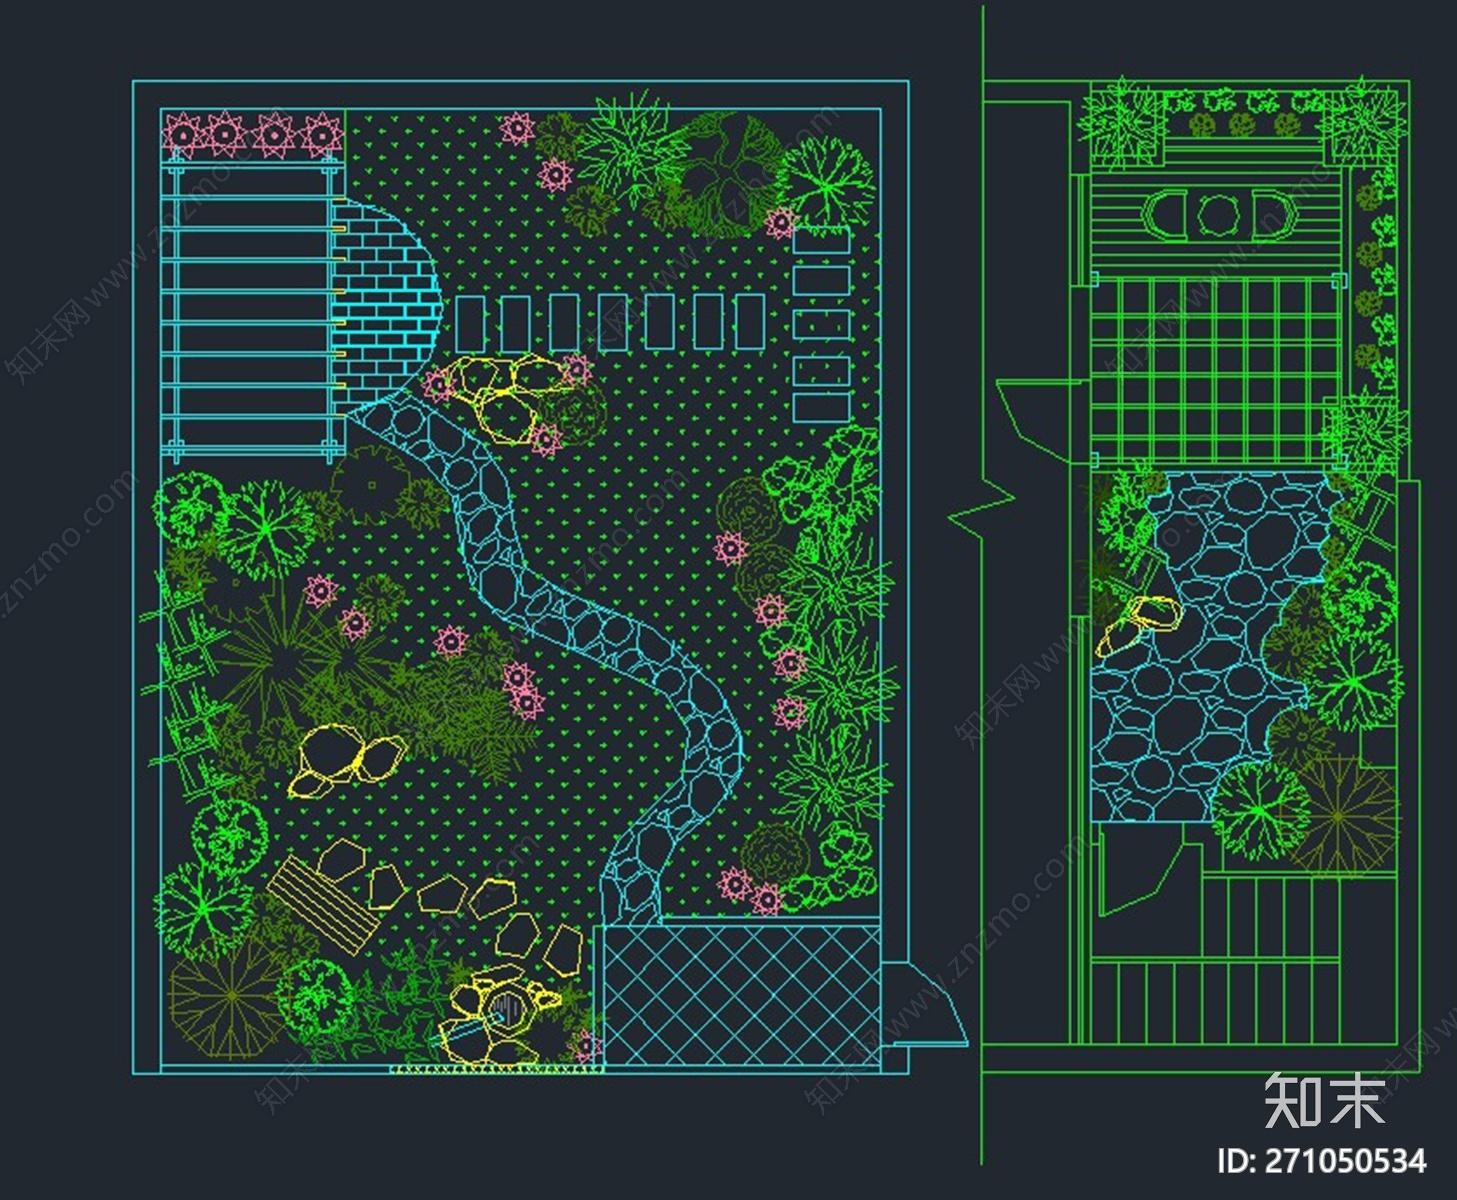 花园庭院景观绿化组图施工图下载【ID:271050534】